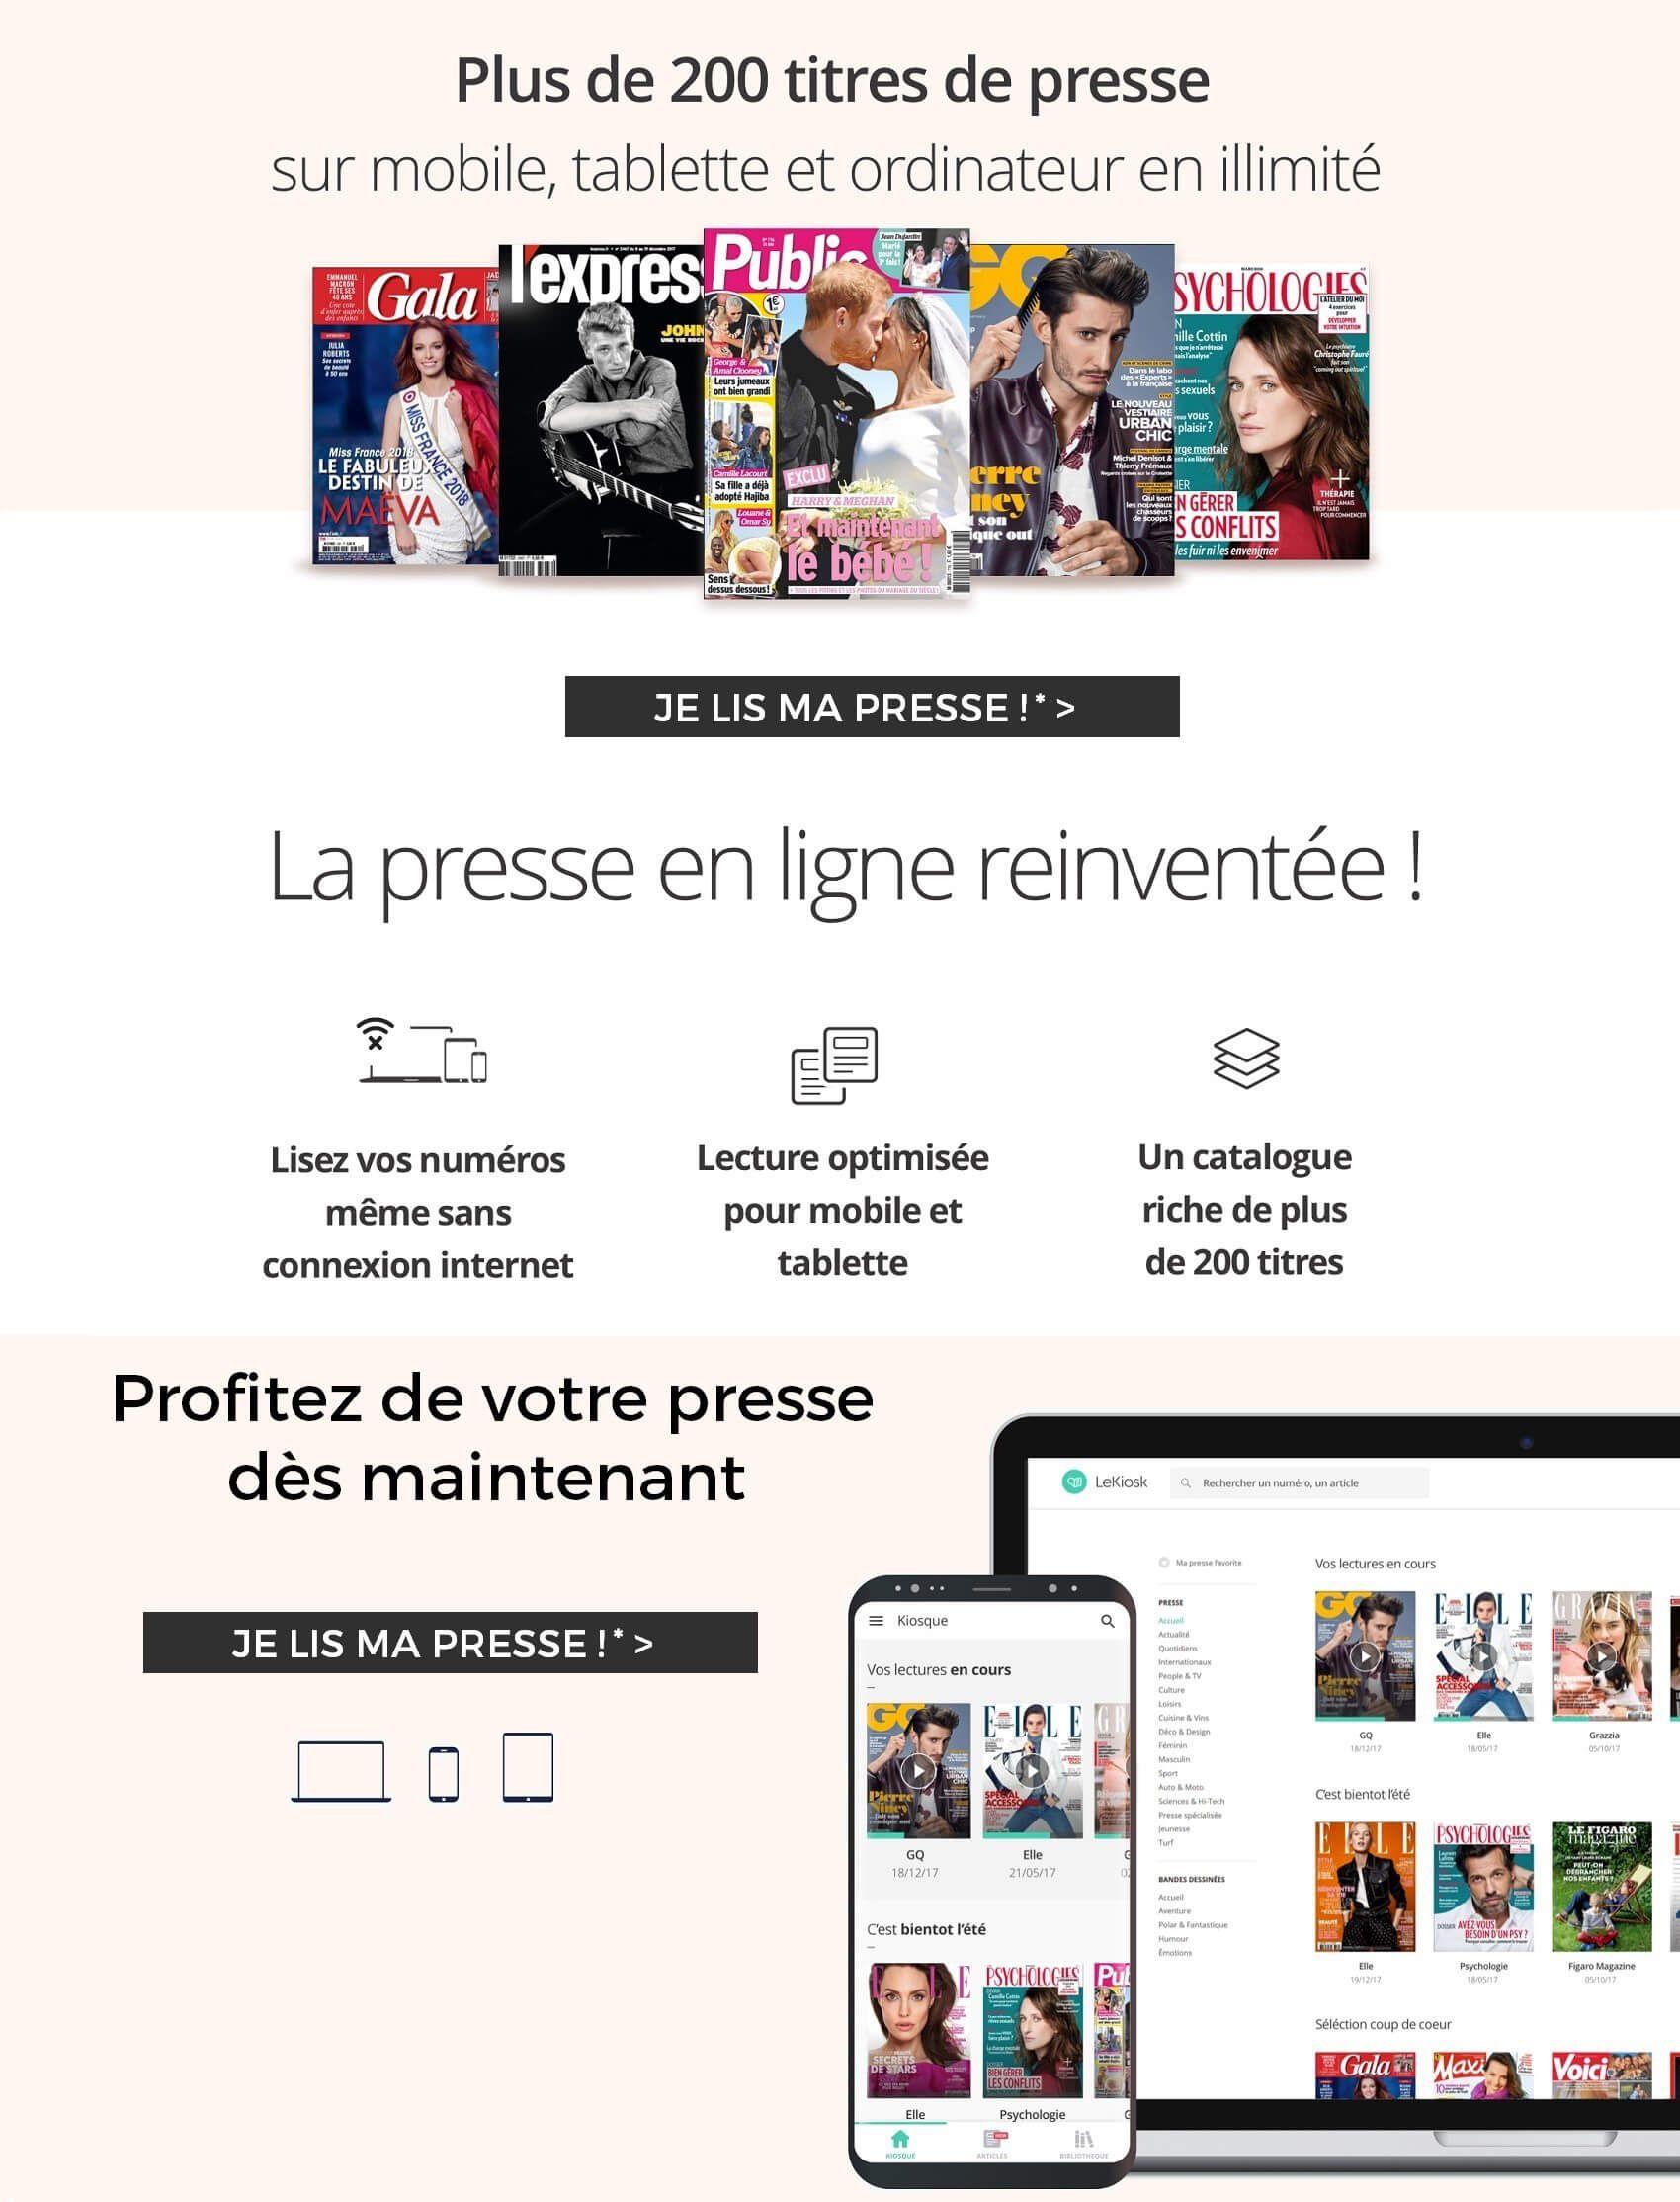 Cdiscount Carte A Volonte Annuler.Presse En Ligne Inclus En Illimite Pour Les Abonnes